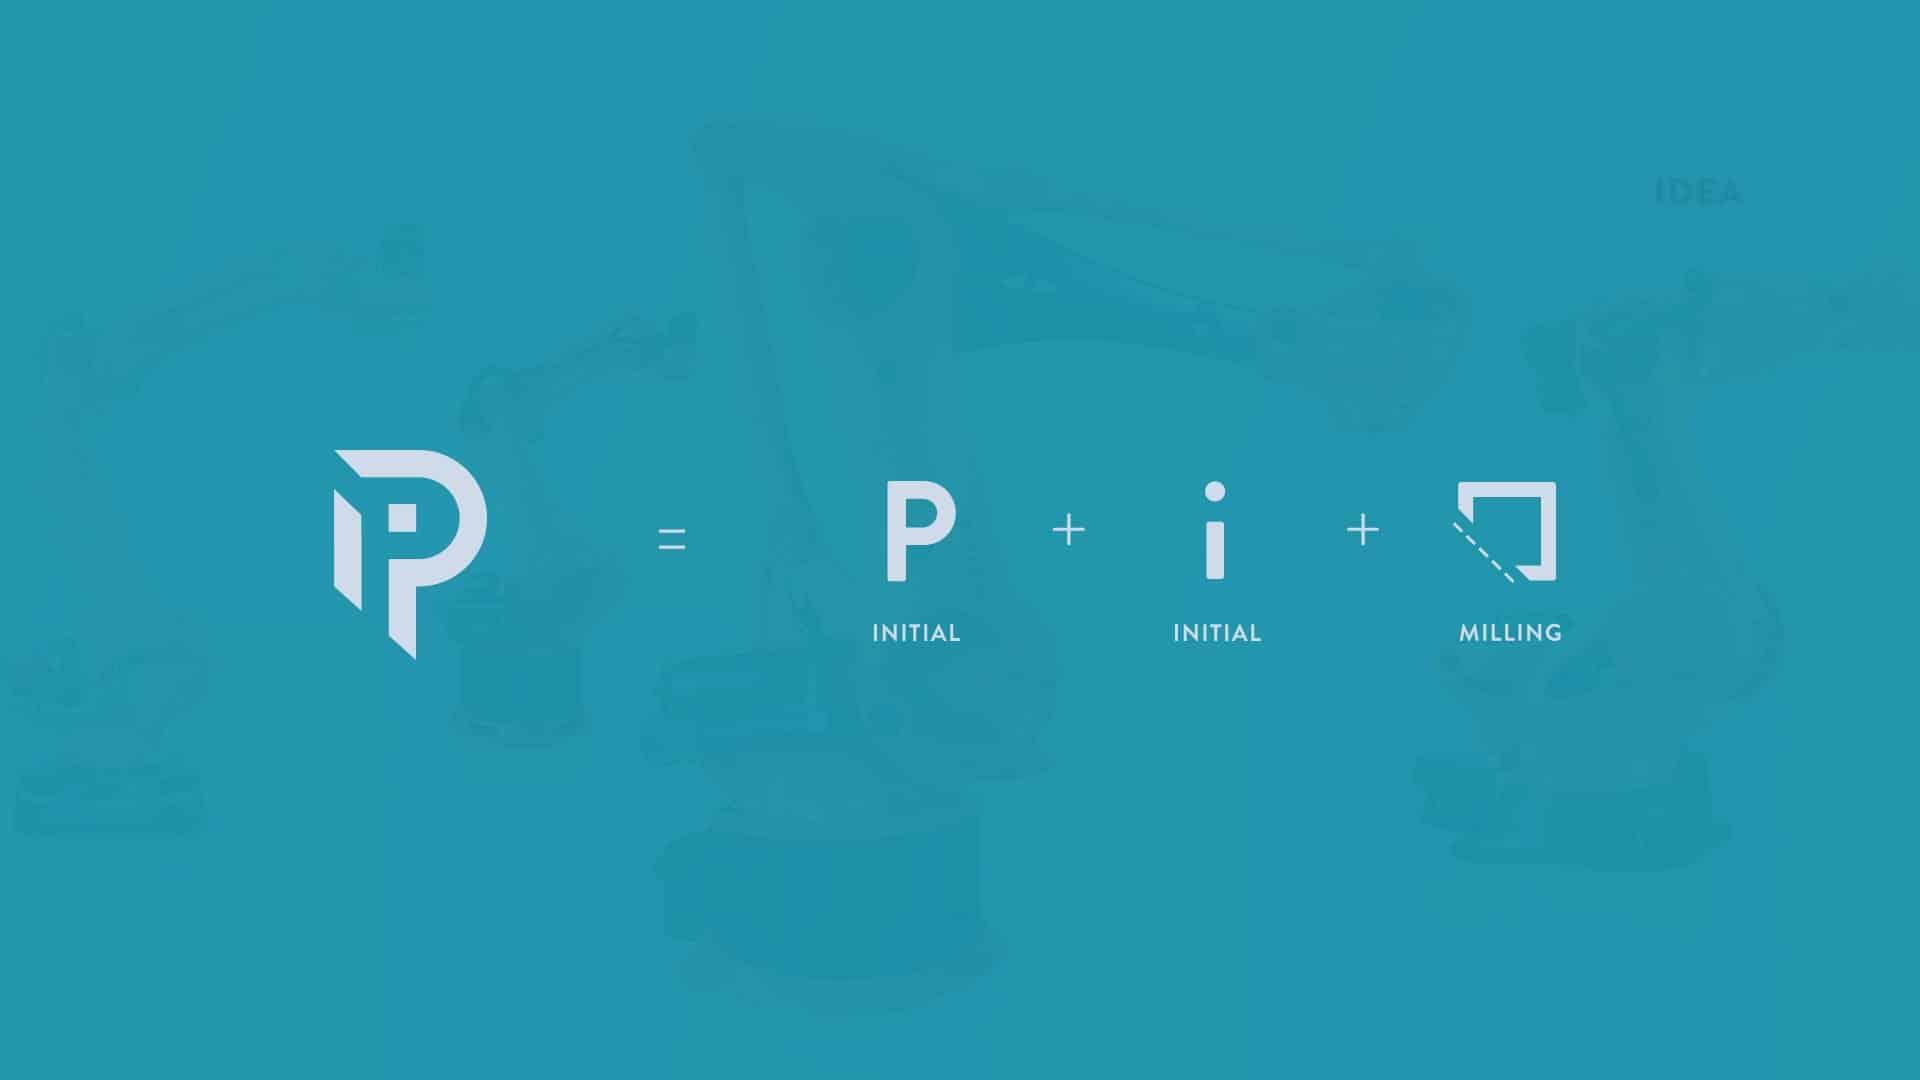 Разработка логотипа фирмы – задача непростая, требующая креативного подхода